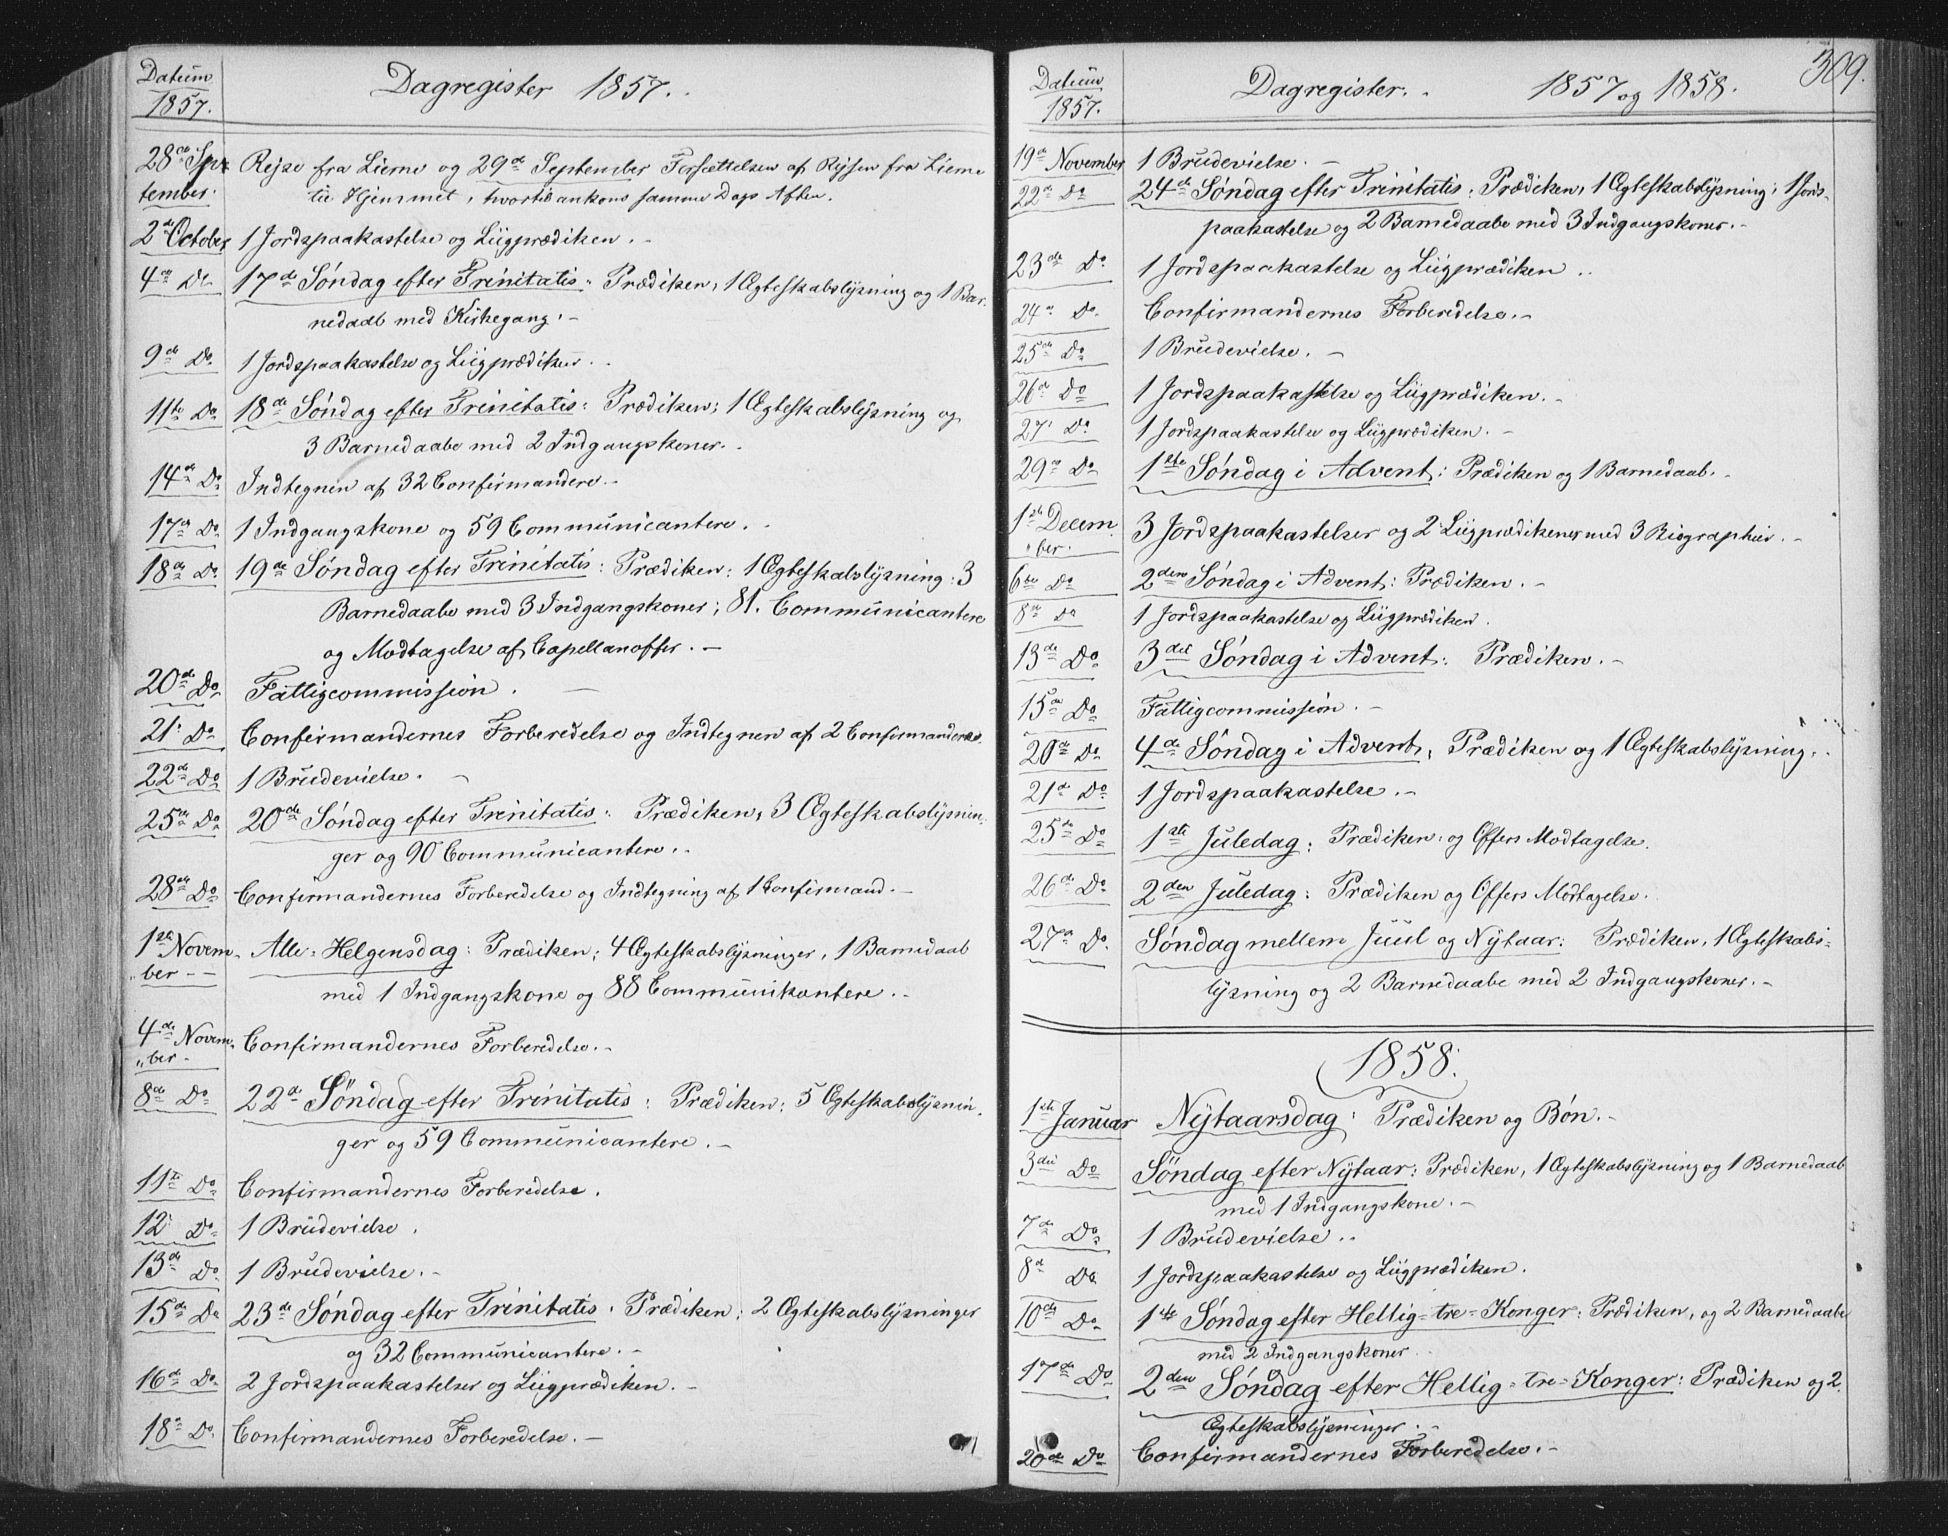 SAT, Ministerialprotokoller, klokkerbøker og fødselsregistre - Nord-Trøndelag, 749/L0472: Ministerialbok nr. 749A06, 1857-1873, s. 309